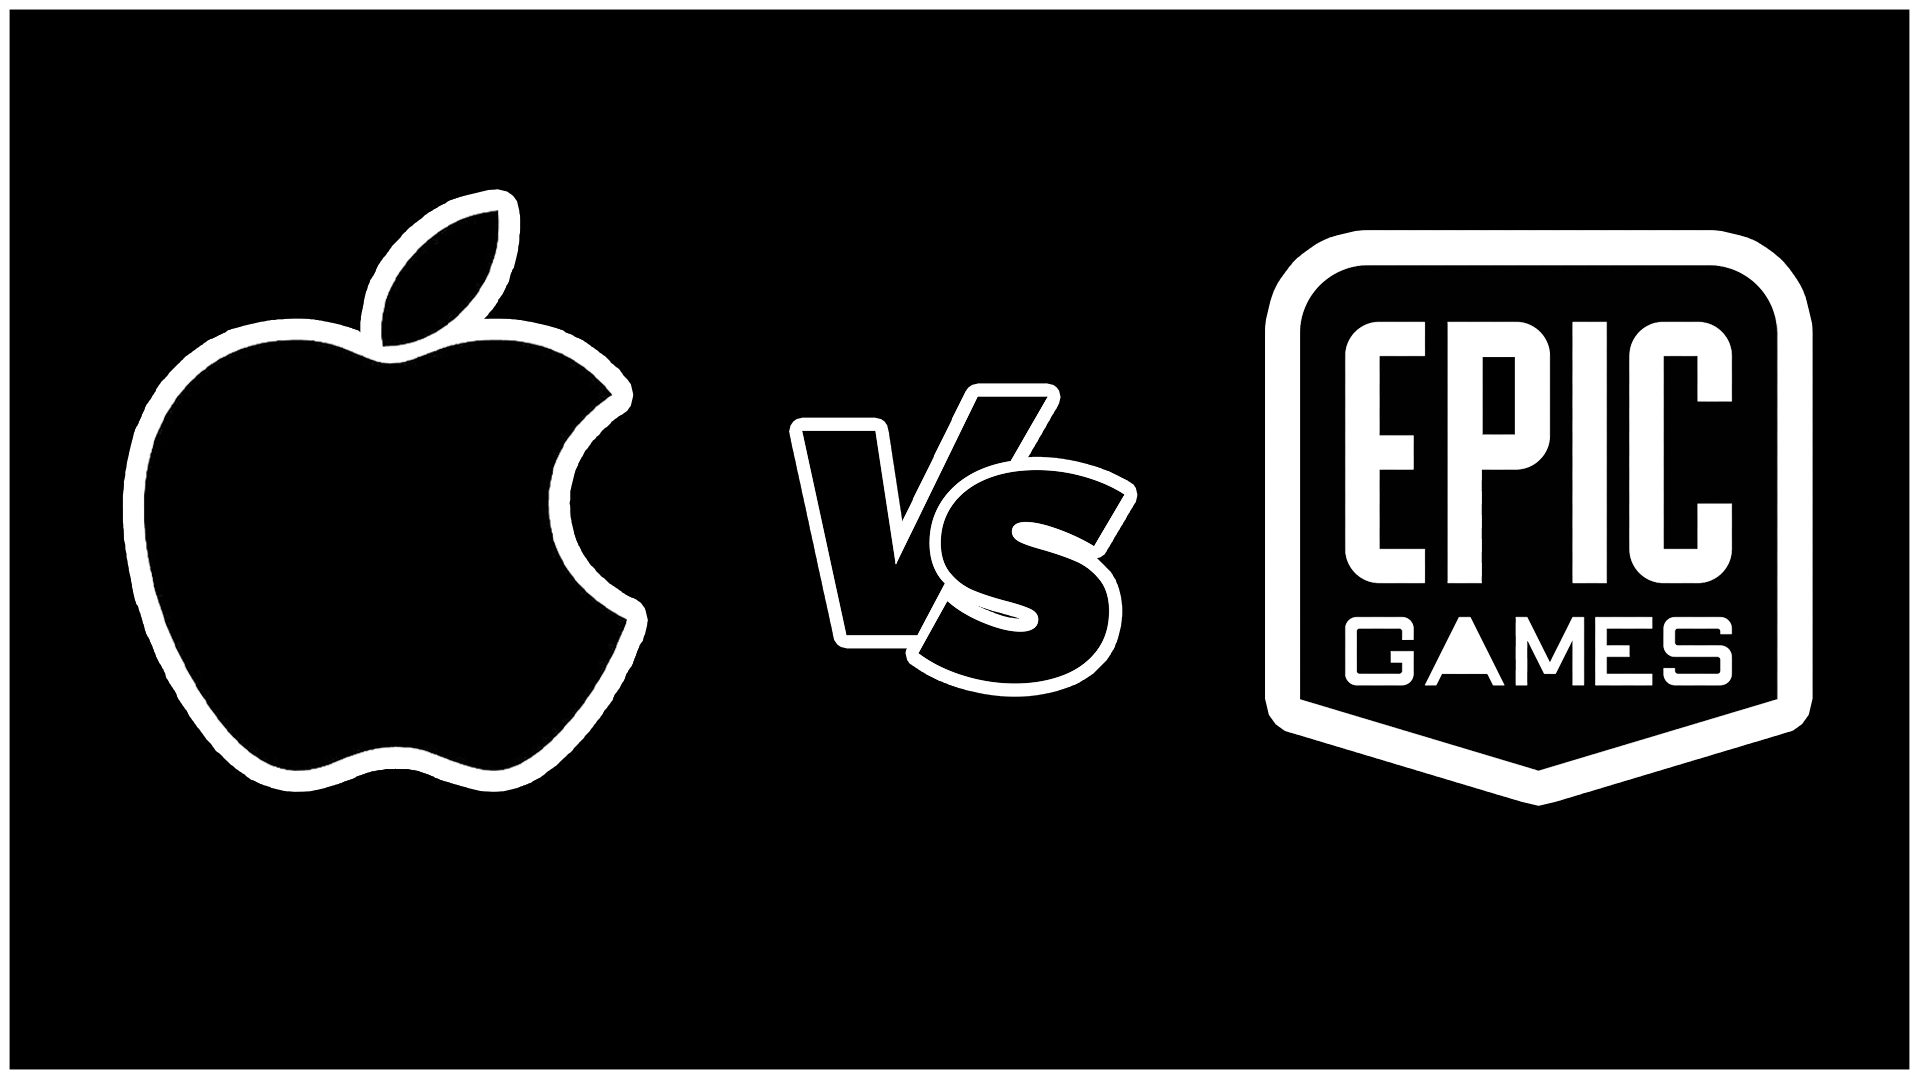 Epic与苹果的垄断诉讼案确认5月3日开庭审理